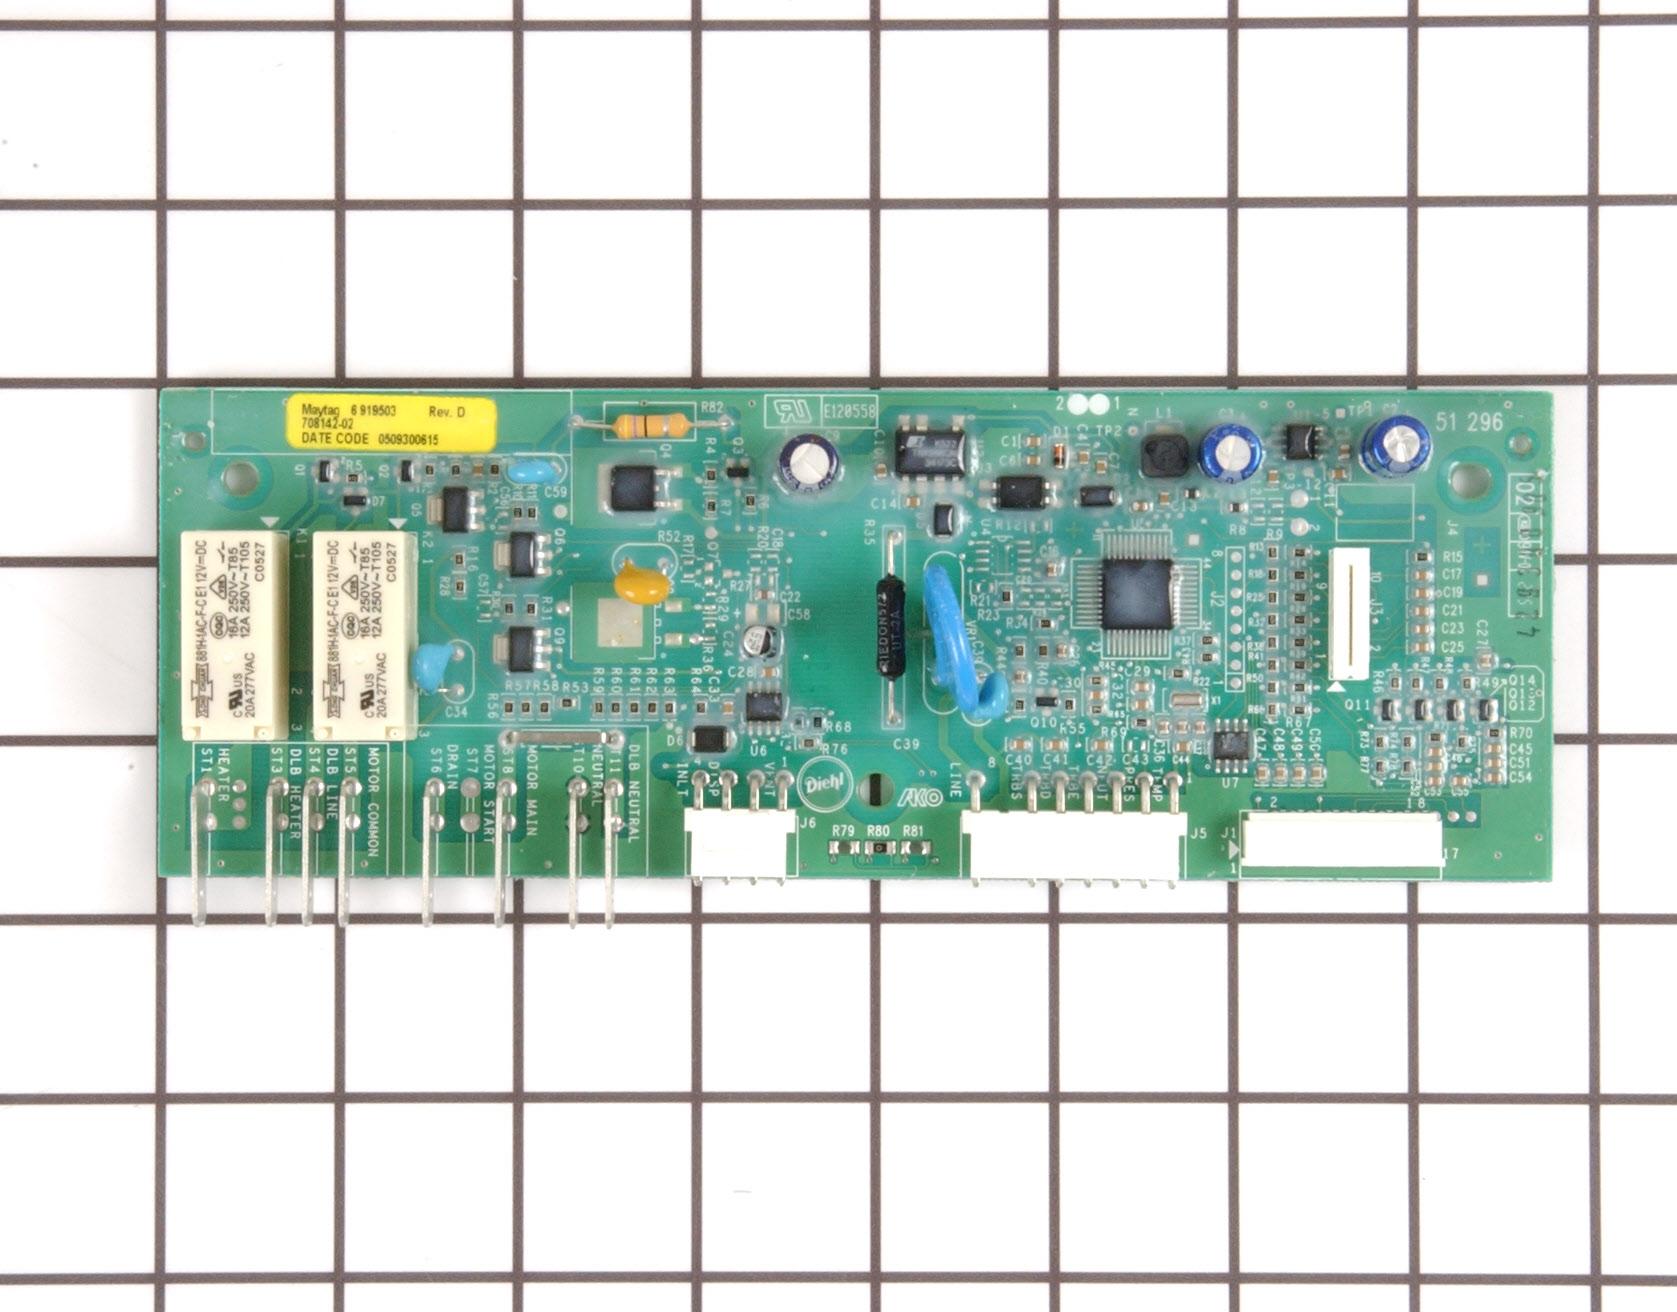 12002710 Jenn Air Dishwasher Part -Main Control Board